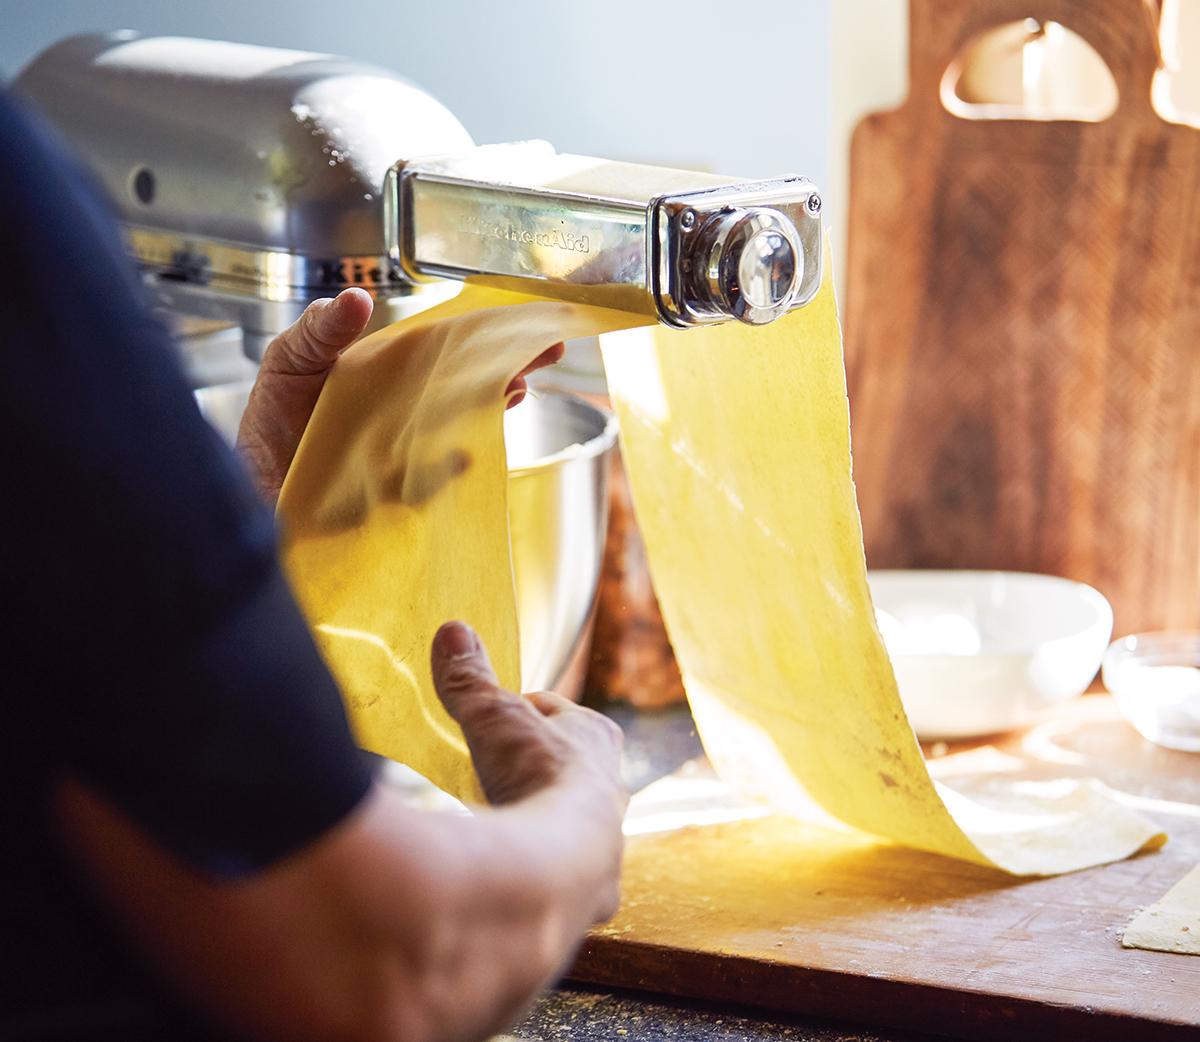 barbara lynch making lasagnette pasta